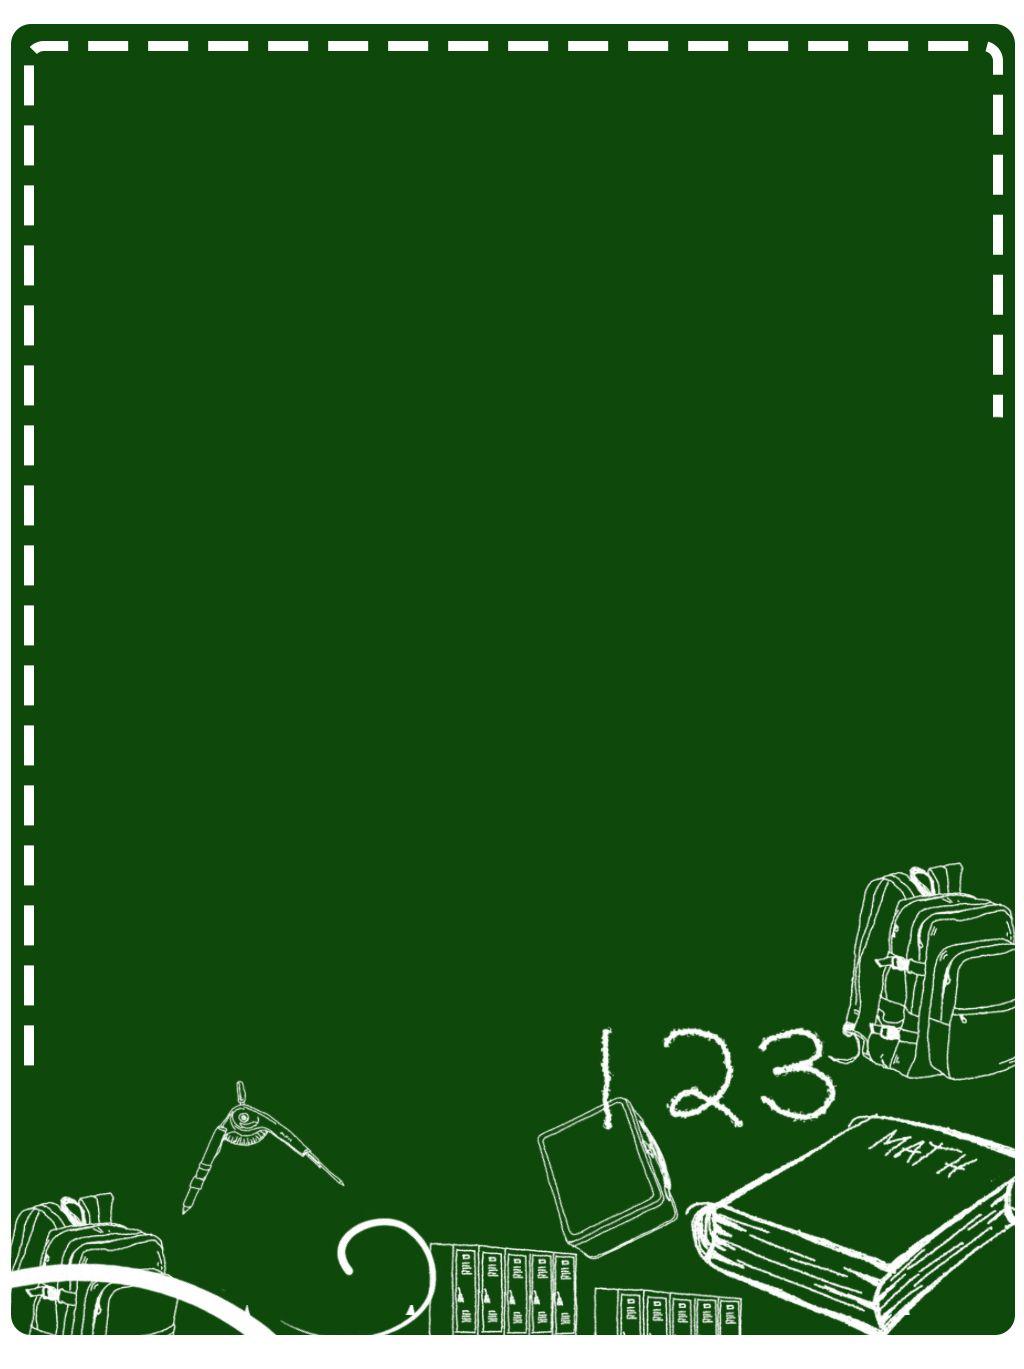 خلفية إعلانية بسيطة Poster Background Design Math Design Background